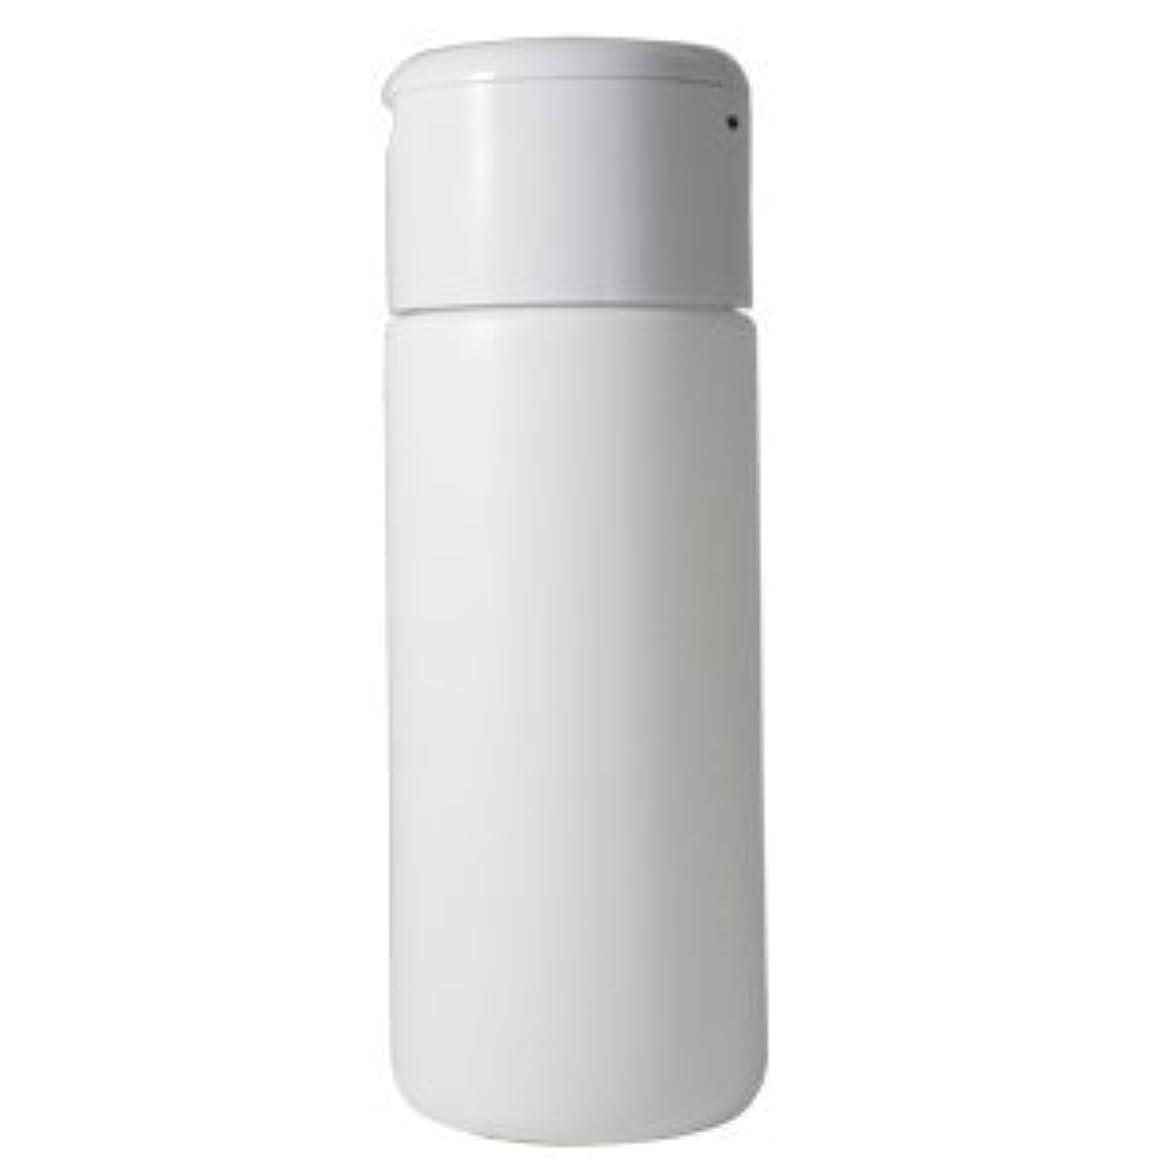 ペダルリビングルーム位置するワンタッチキャップ パウダー用ボトル容器 190ml